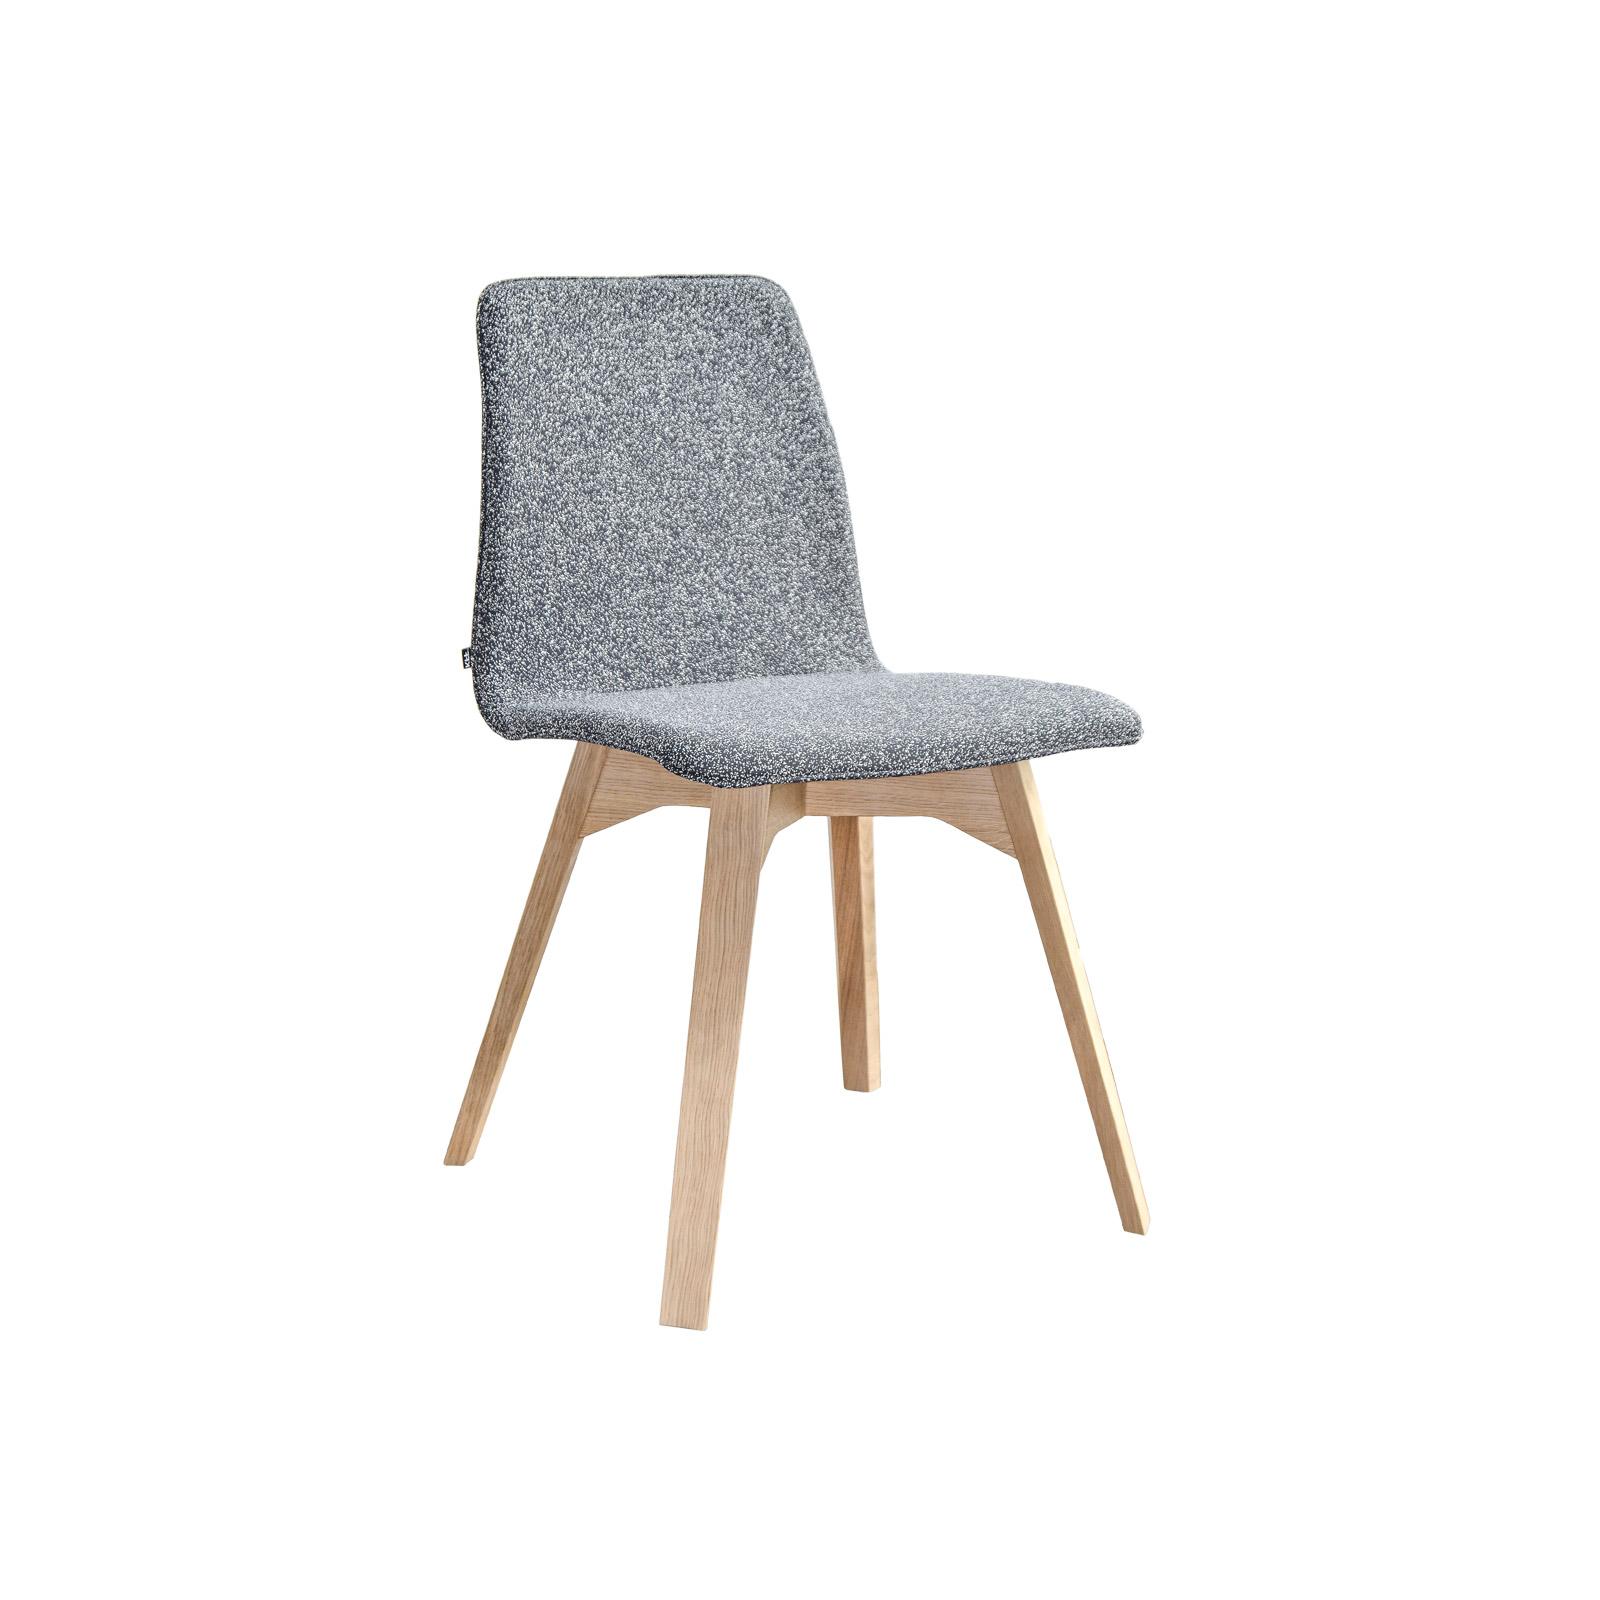 Stühle Wohnbereich